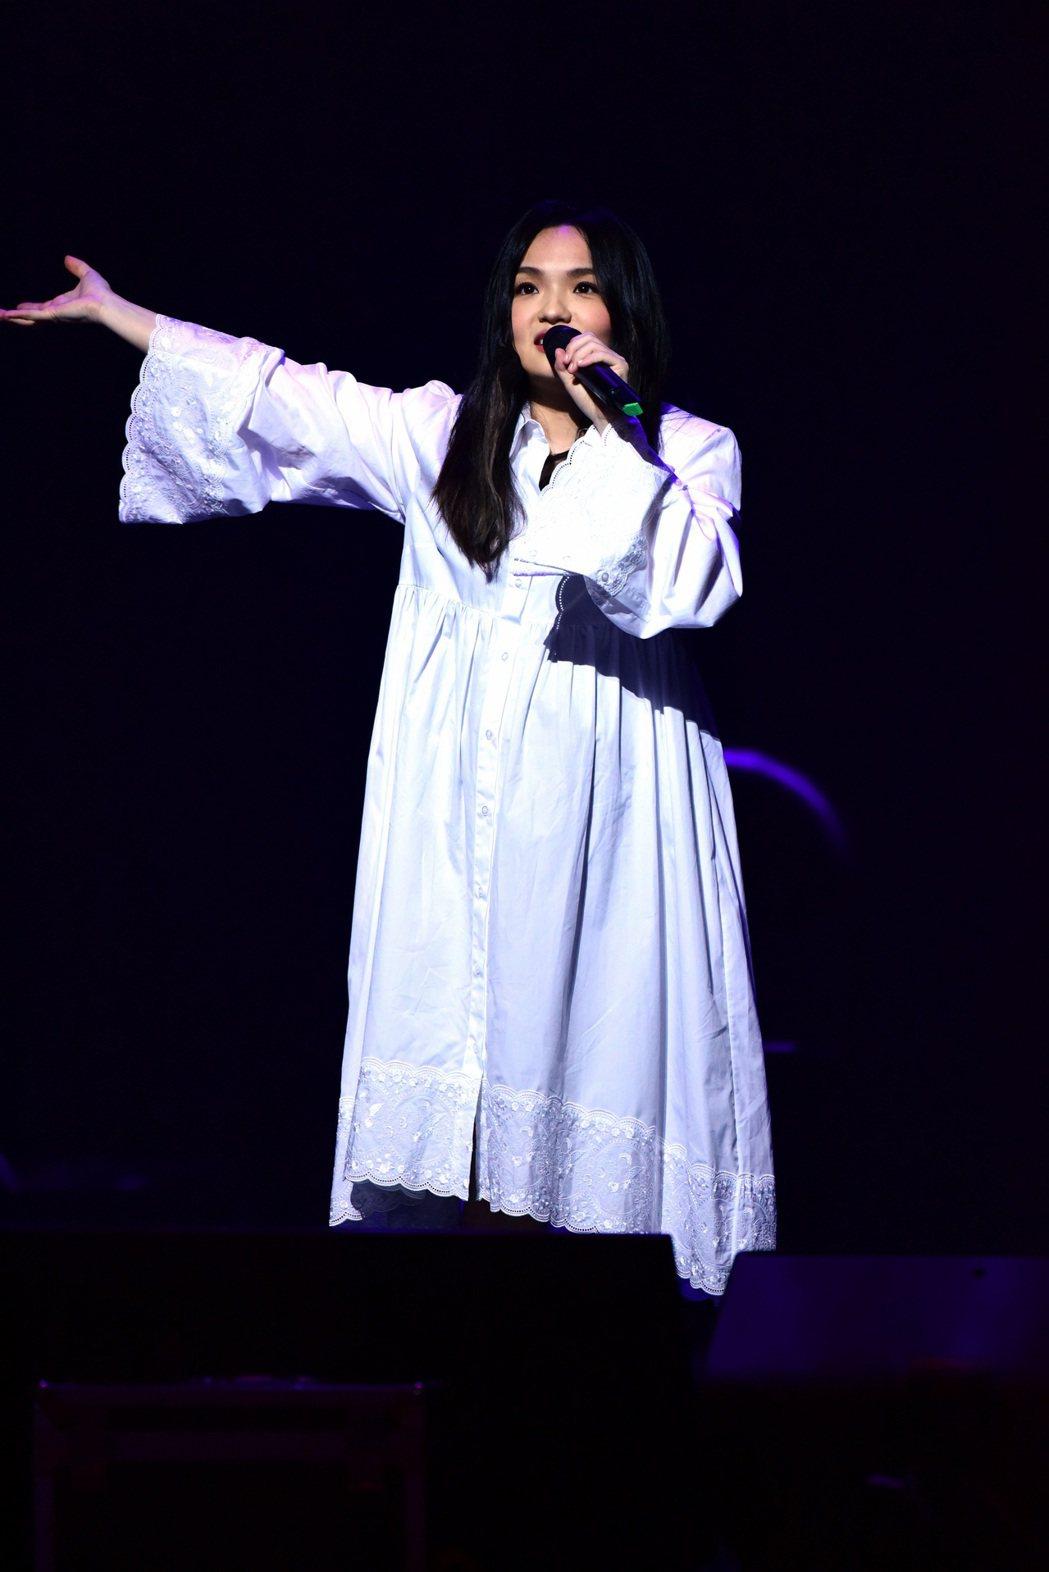 徐佳瑩挺7月孕肚開唱,笑虧肚內寶寶也開趴。圖/台北市文化局提供